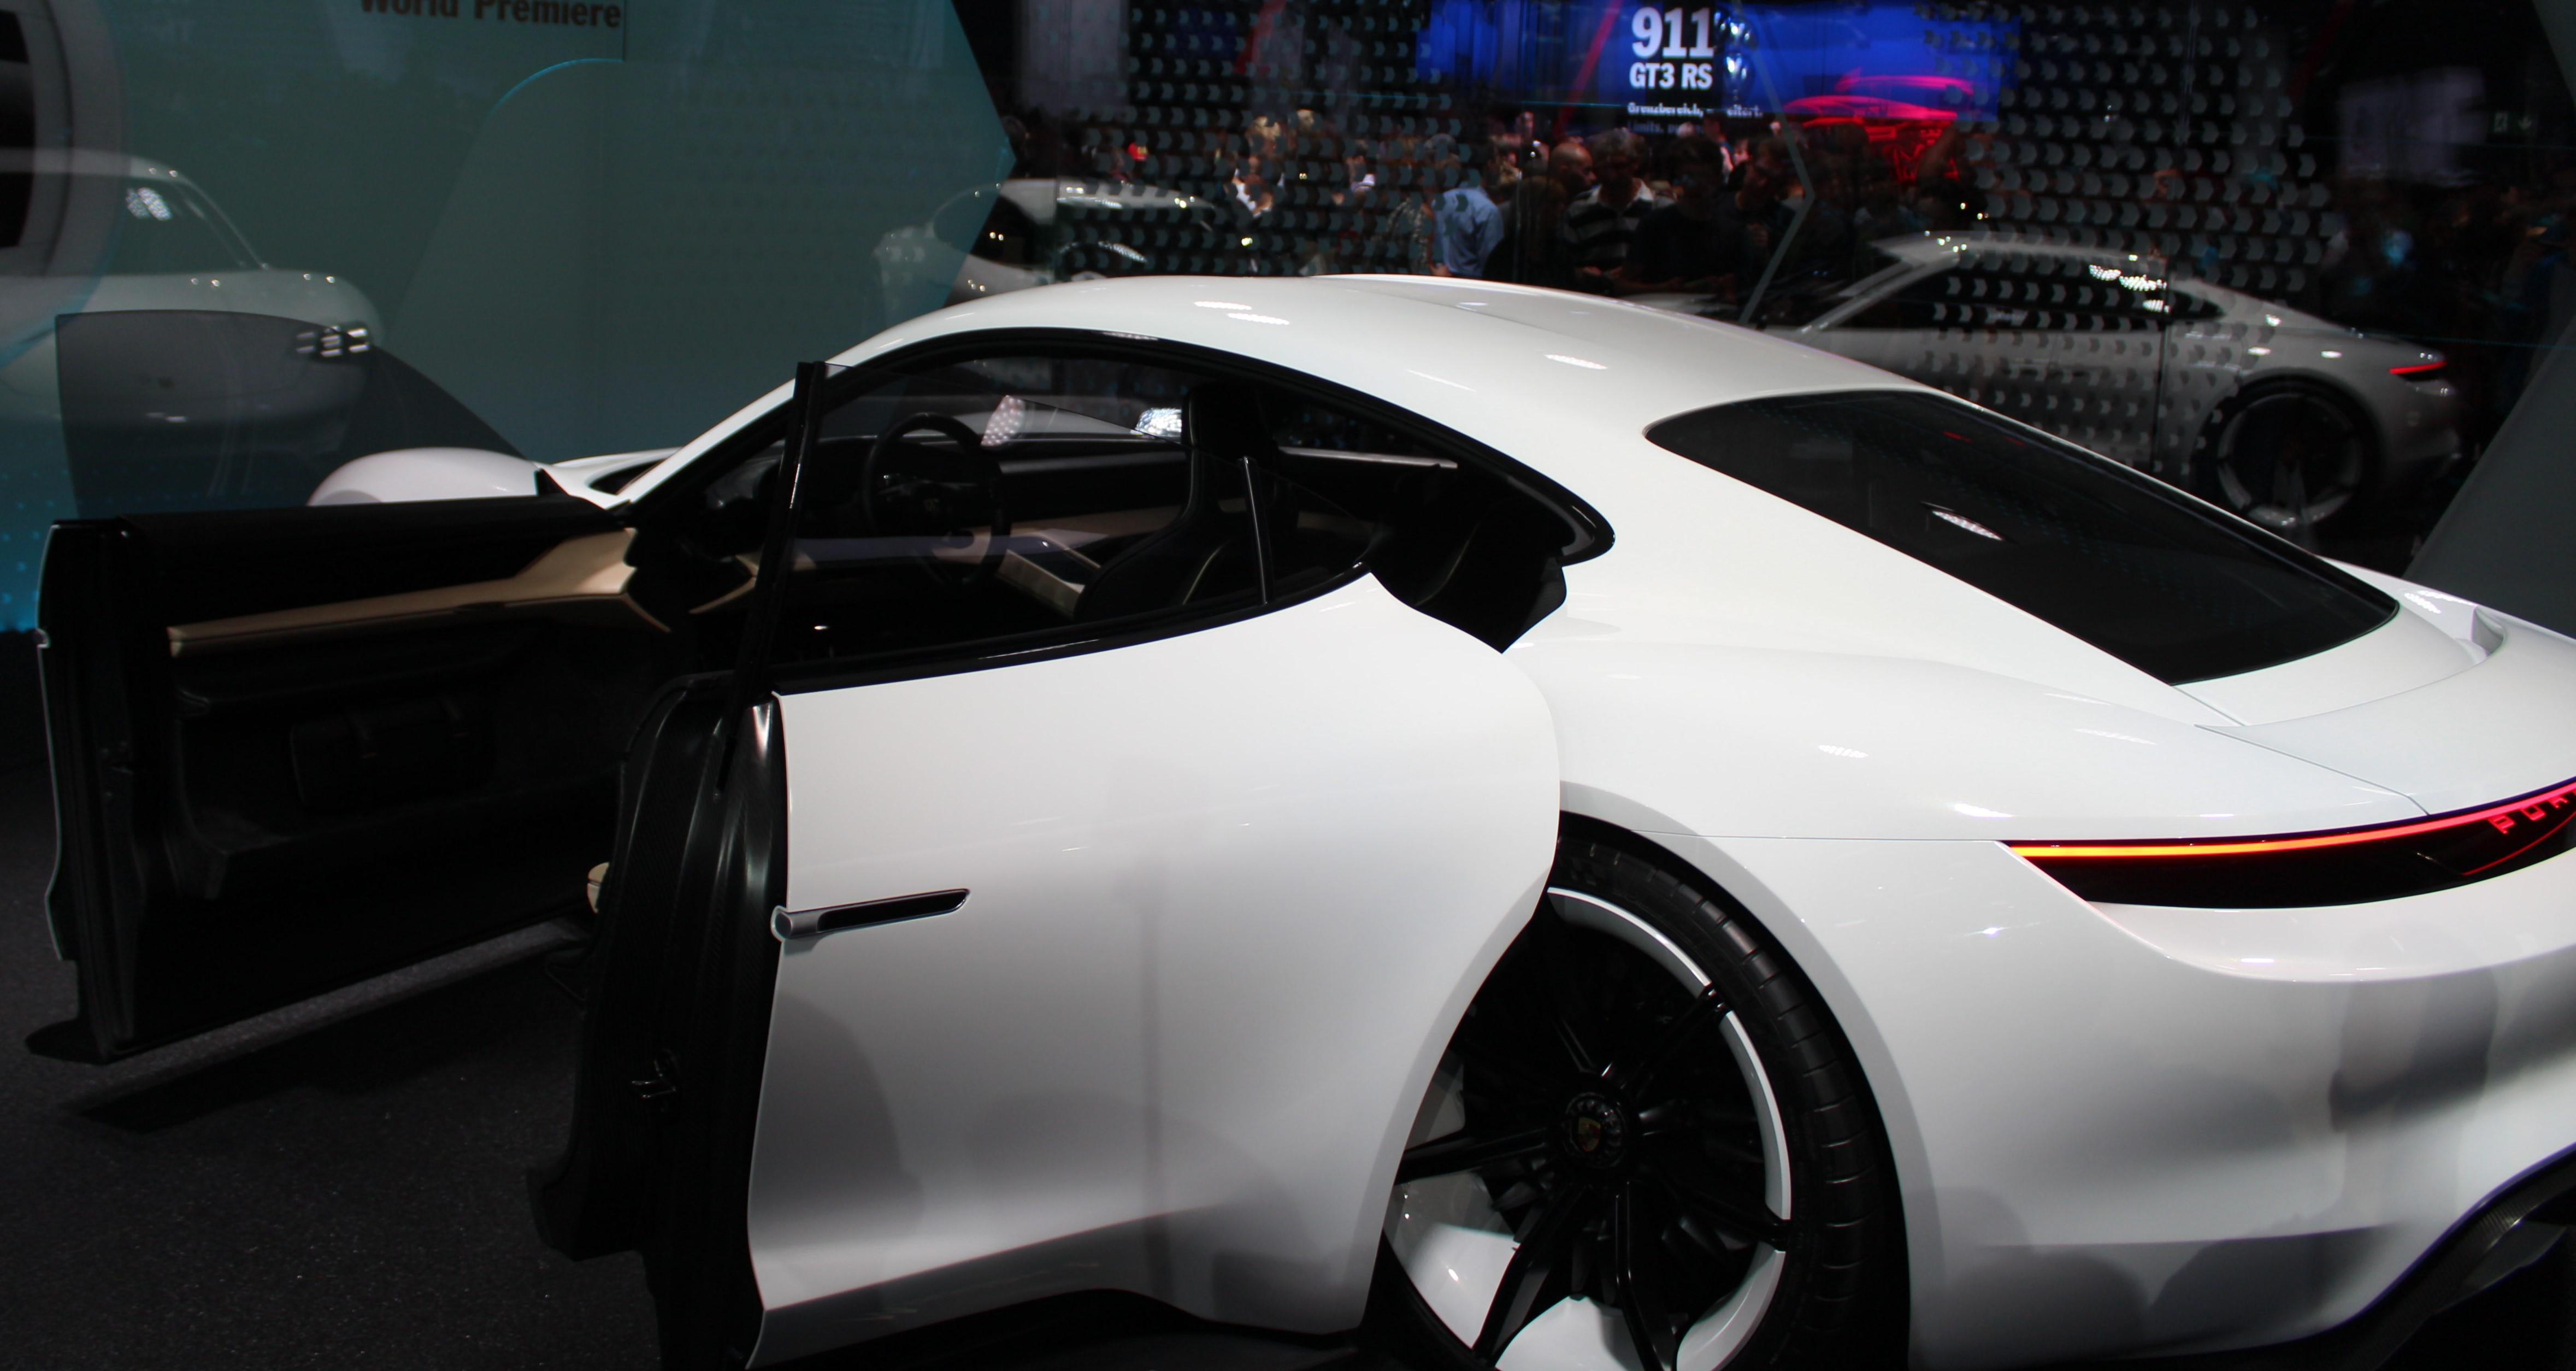 Omosskännligen Porsche. Så här vill vi se en mindre sportsedan från märket!